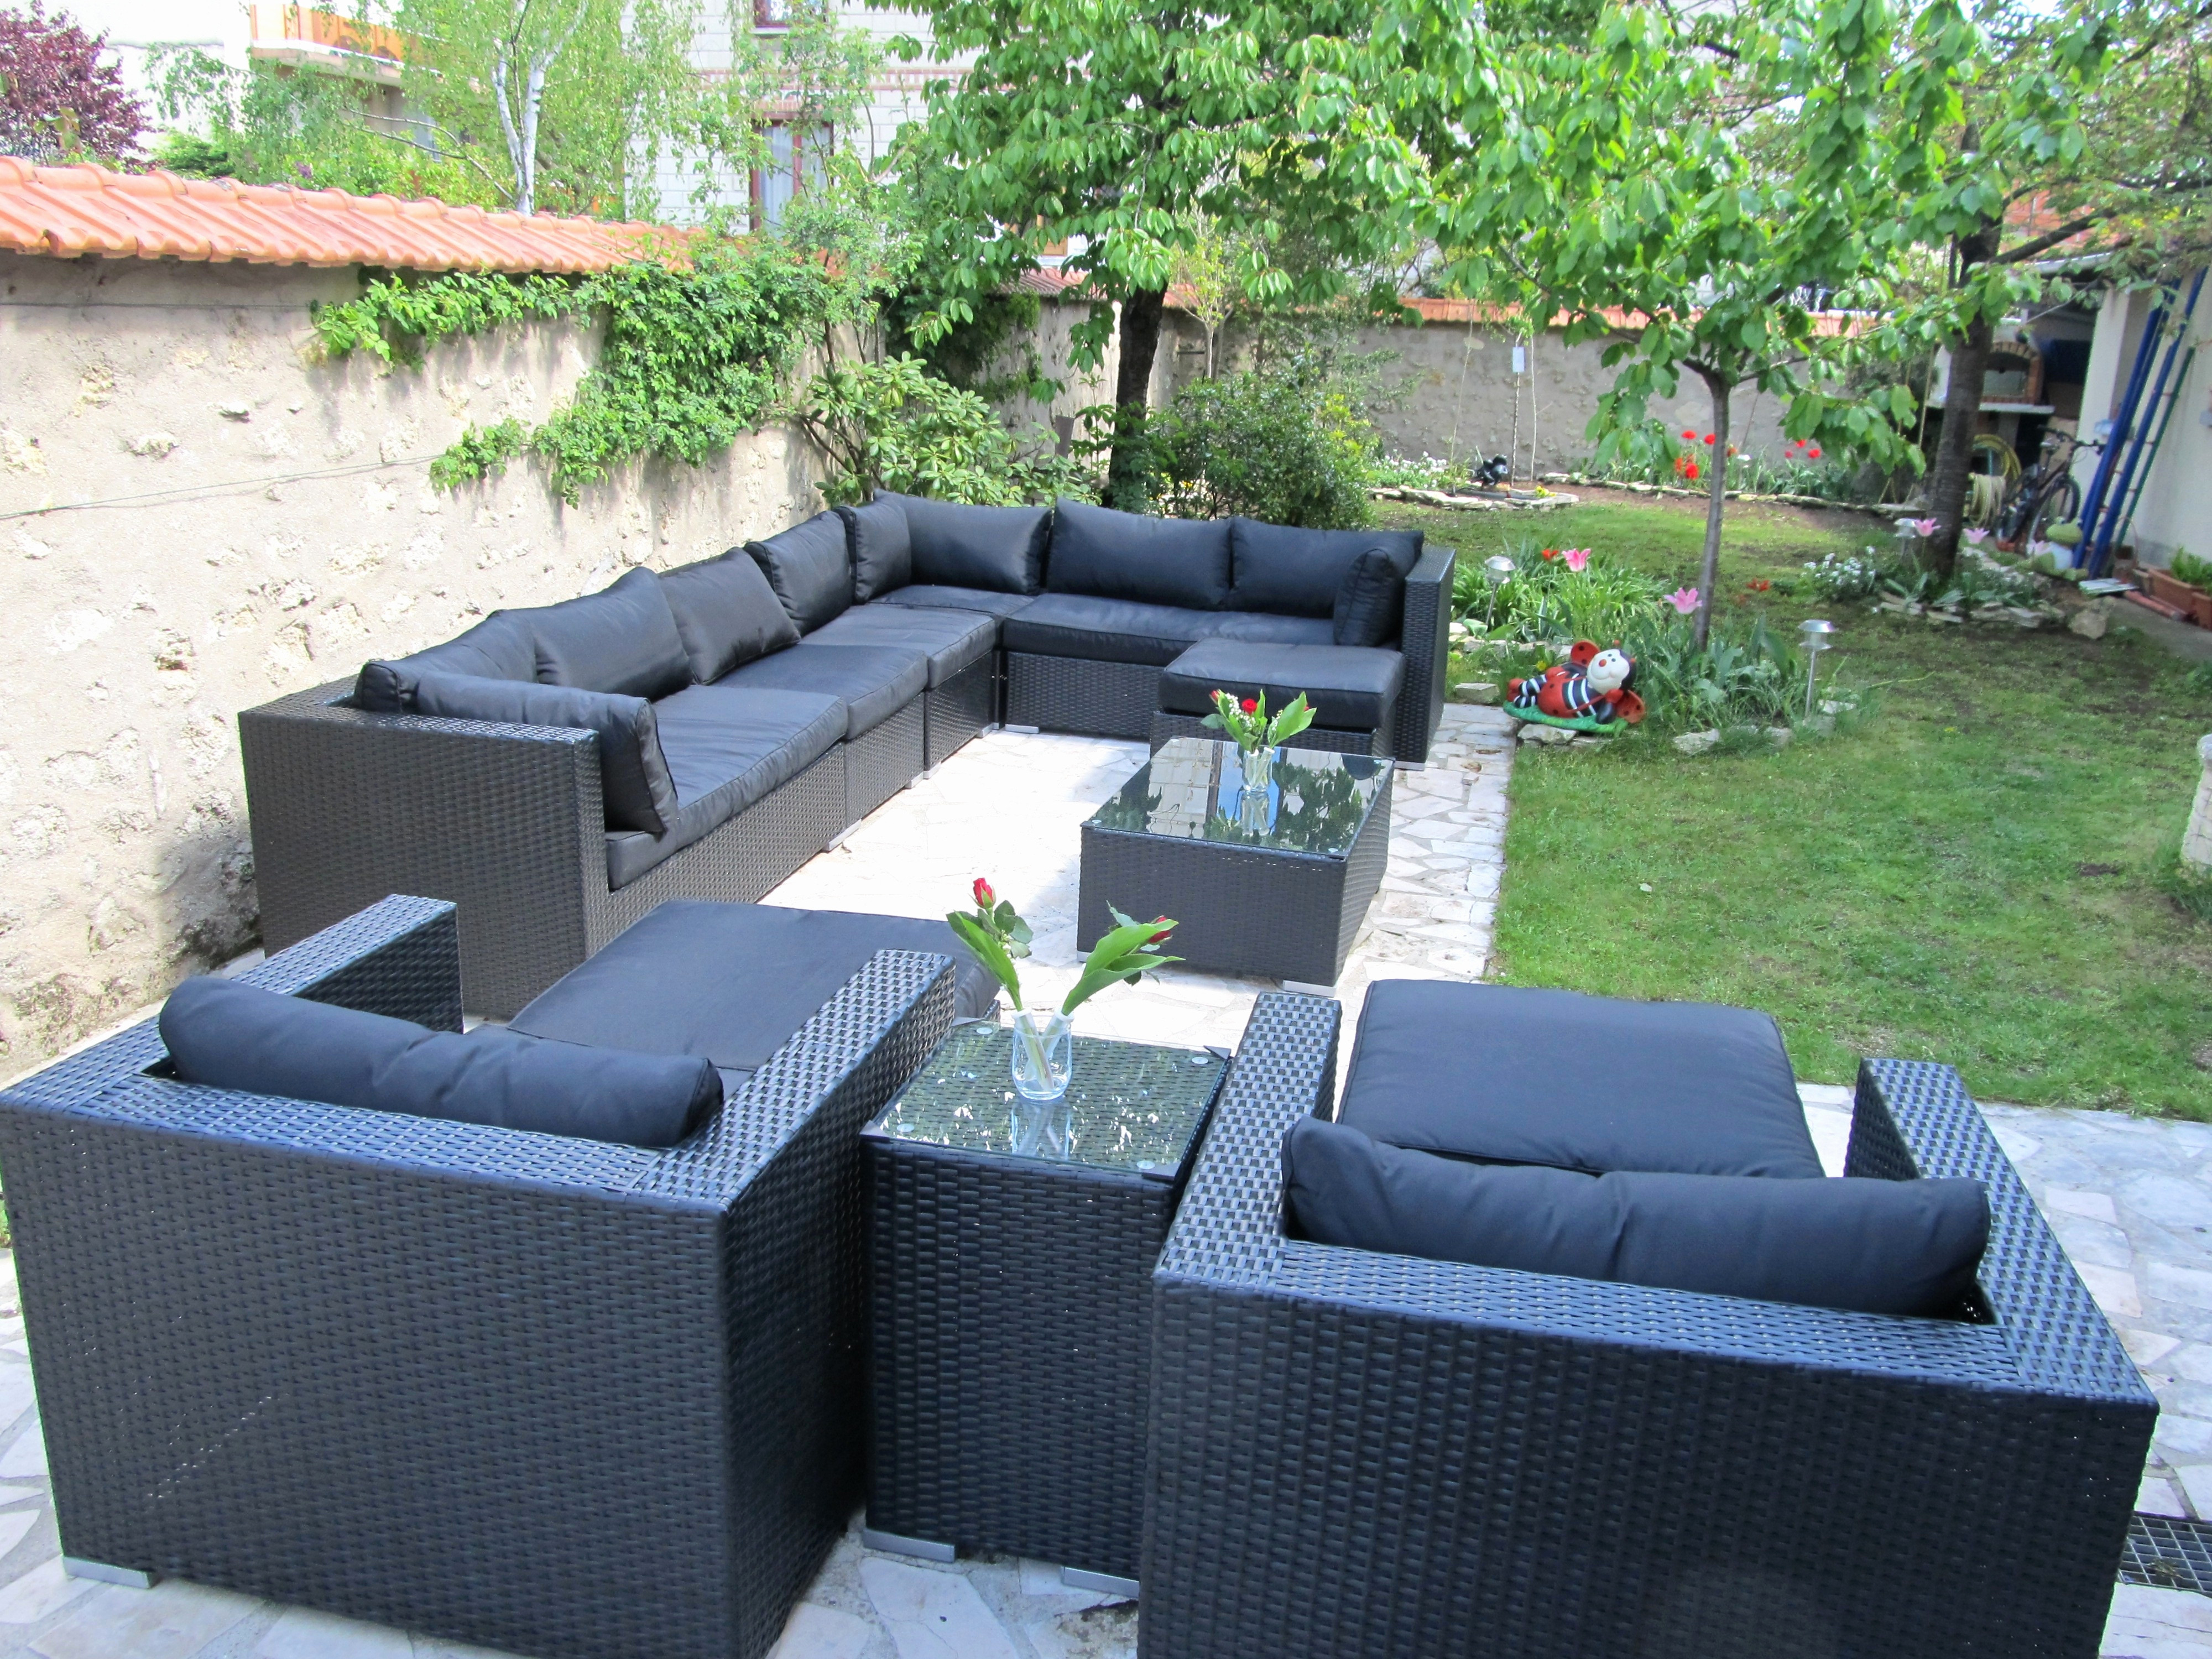 Gifi Salon De Provence Frais Images Salon De Jardin Gifi Avec Incroyable 12 Beautiful Salon De Jardin